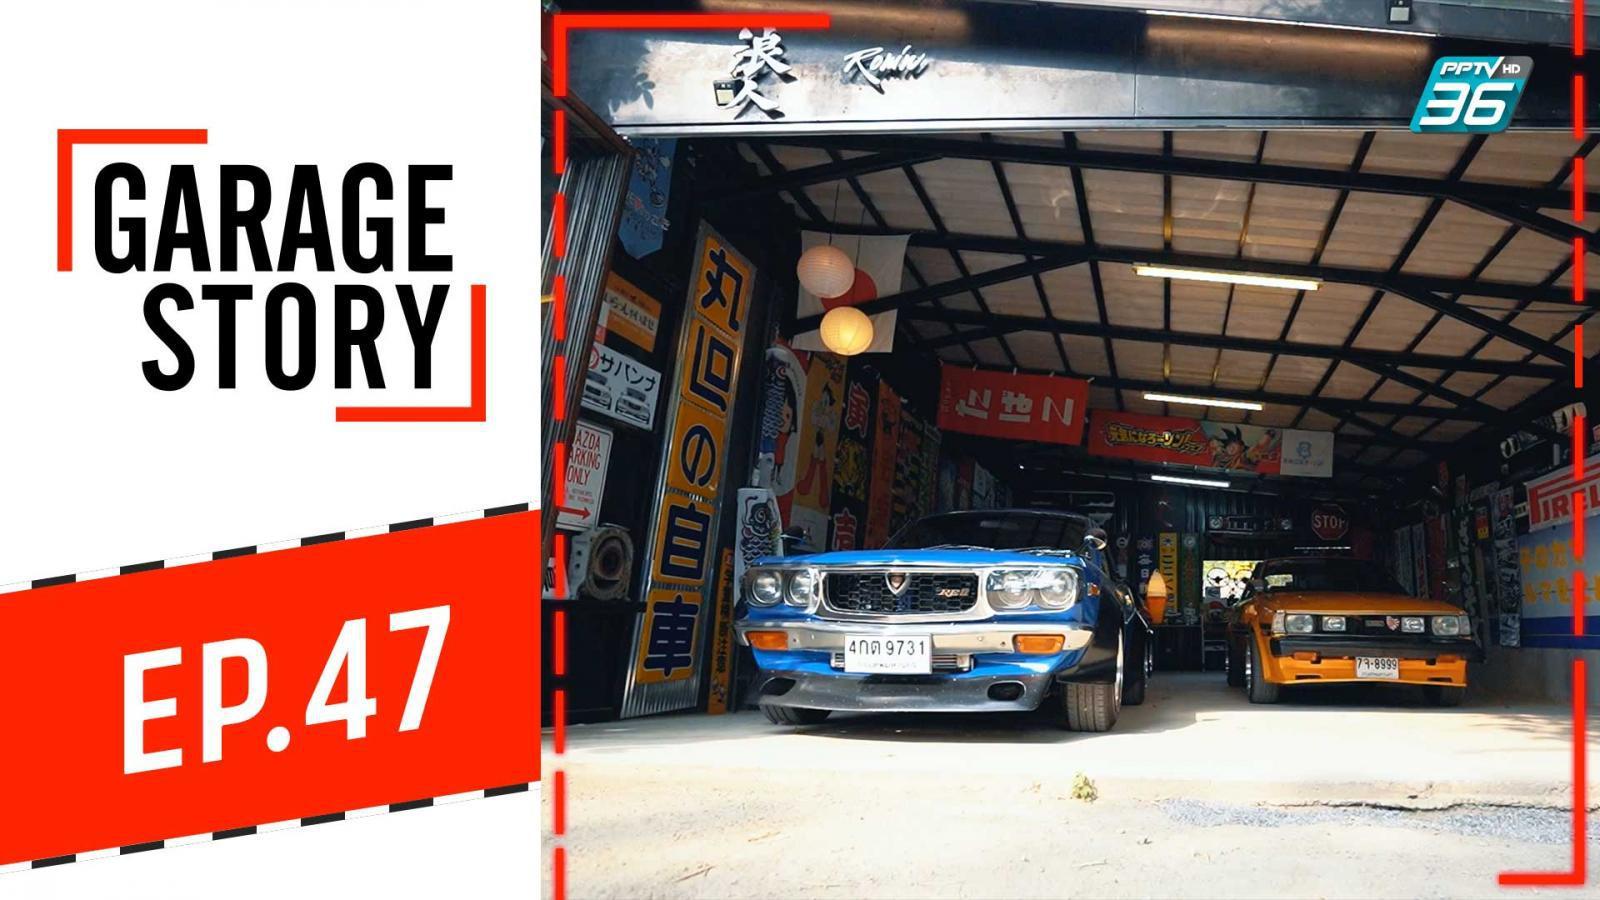 ปัญหาต่างๆที่เกิดขึ้นใน Garage